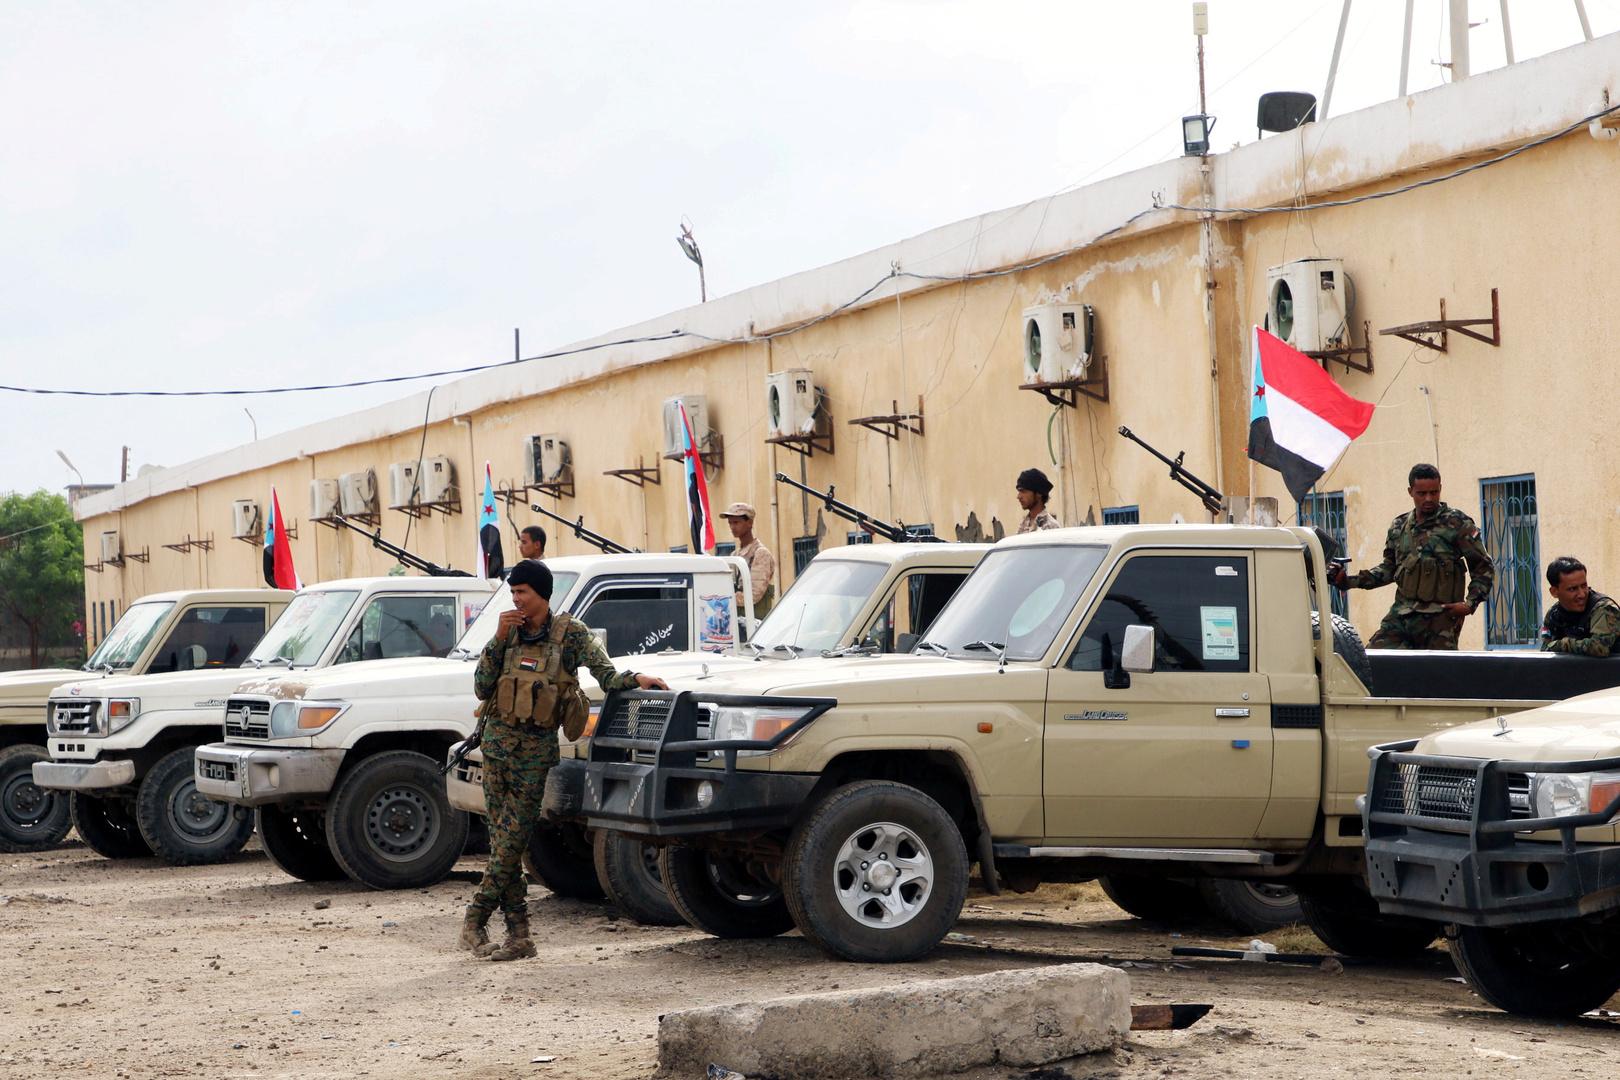 القوات الأمنية اليمنية الموالية للمجلس الانتقالي الجنوبي الانفصالي تقف بجانب آليات منتشرة في مدينة عدن الساحلية الجنوبية.